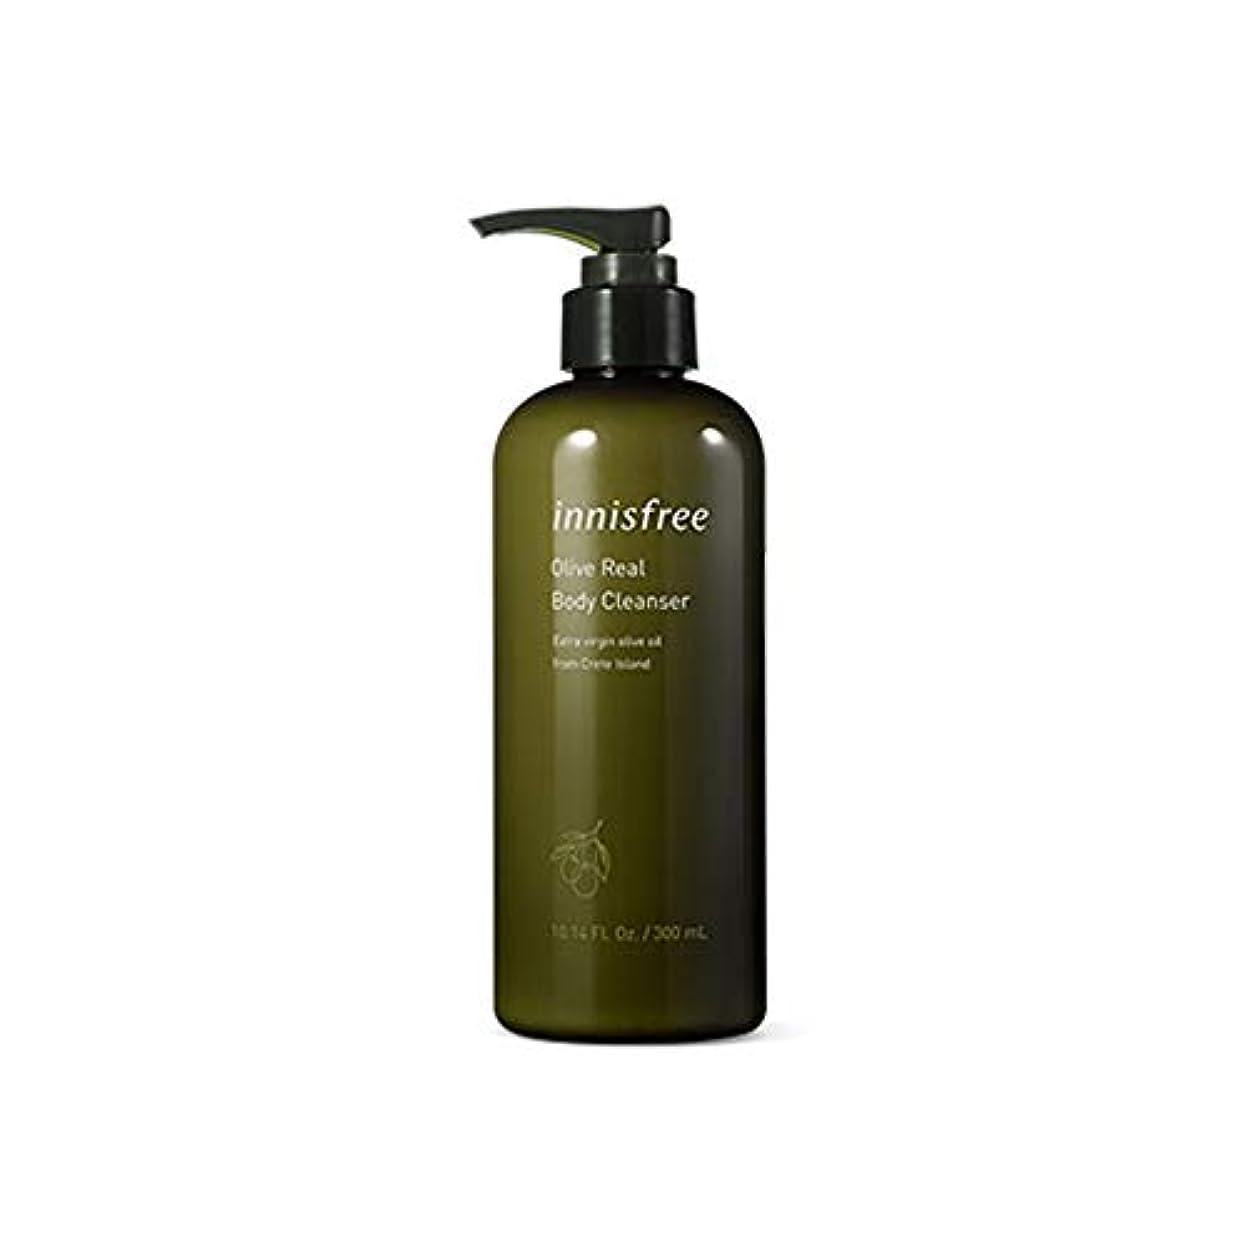 民主主義月曜ナースイニスフリー Innisfree オリーブリアルボディークレンザー(300ml) Innisfree Olive Real Body Cleanser(300ml) [海外直送品]